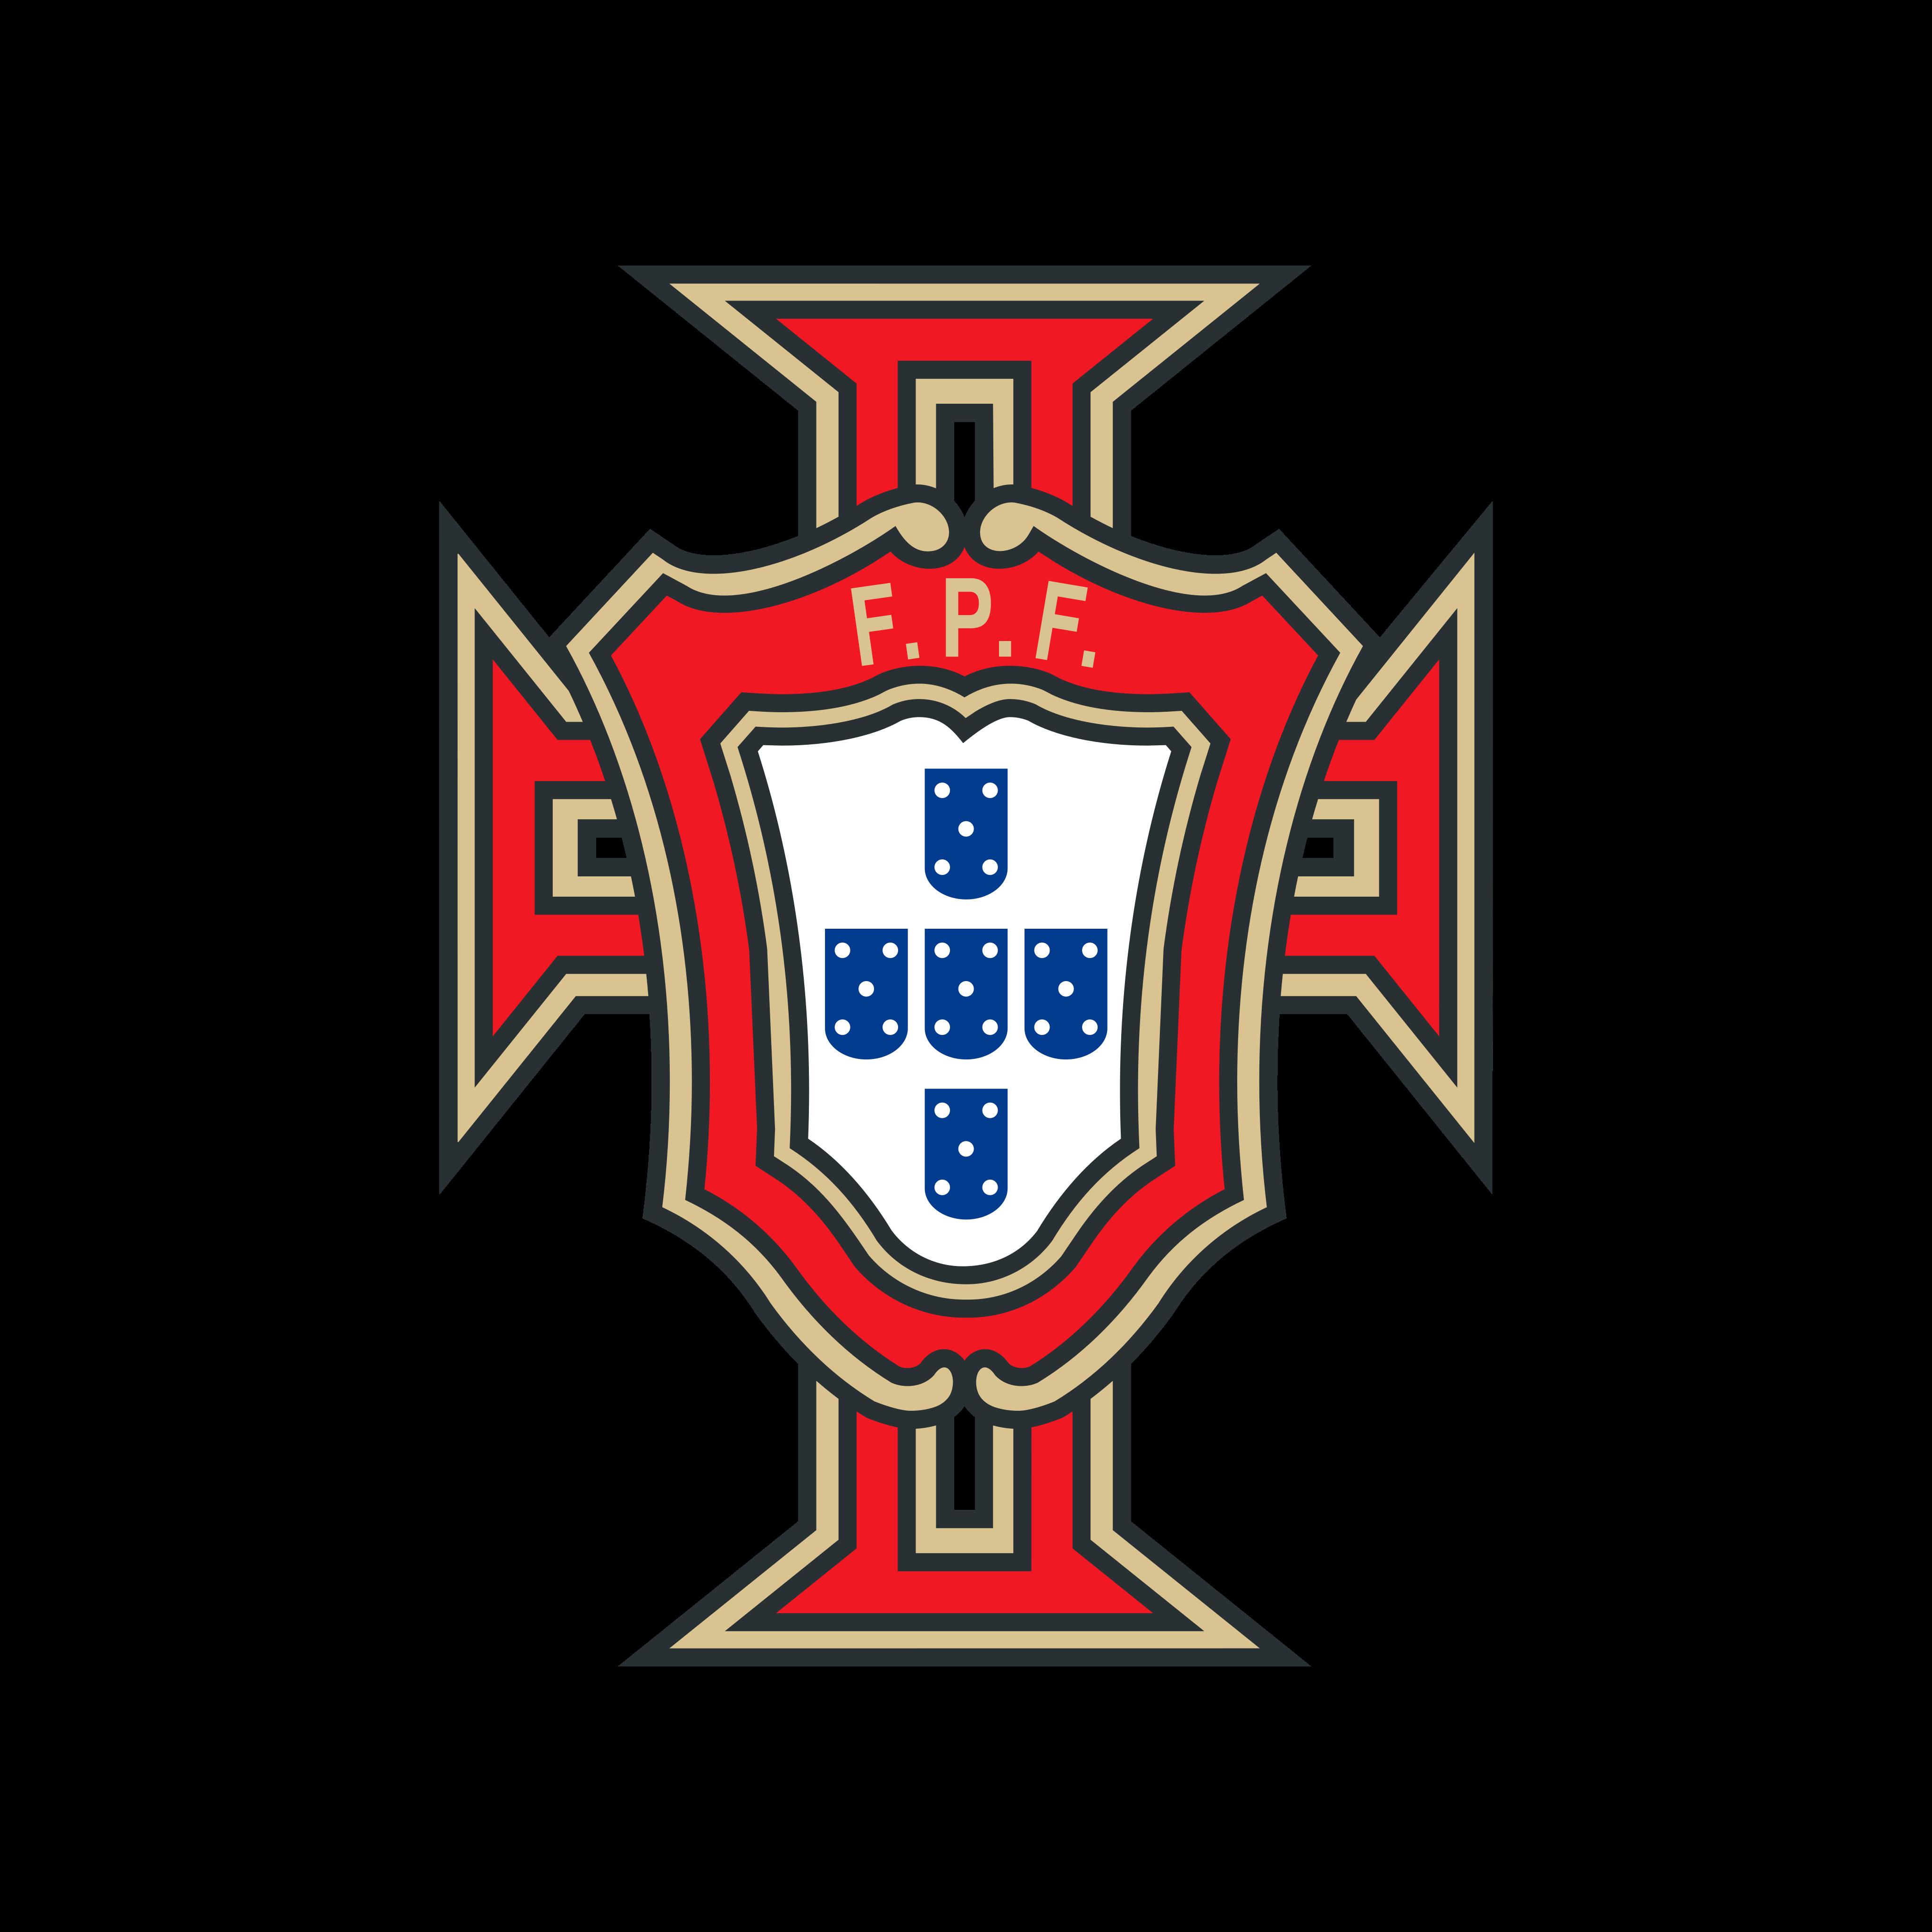 fpf selecao de portugal logo 0 - FPF - Selección de fútbol de Portugal Logo